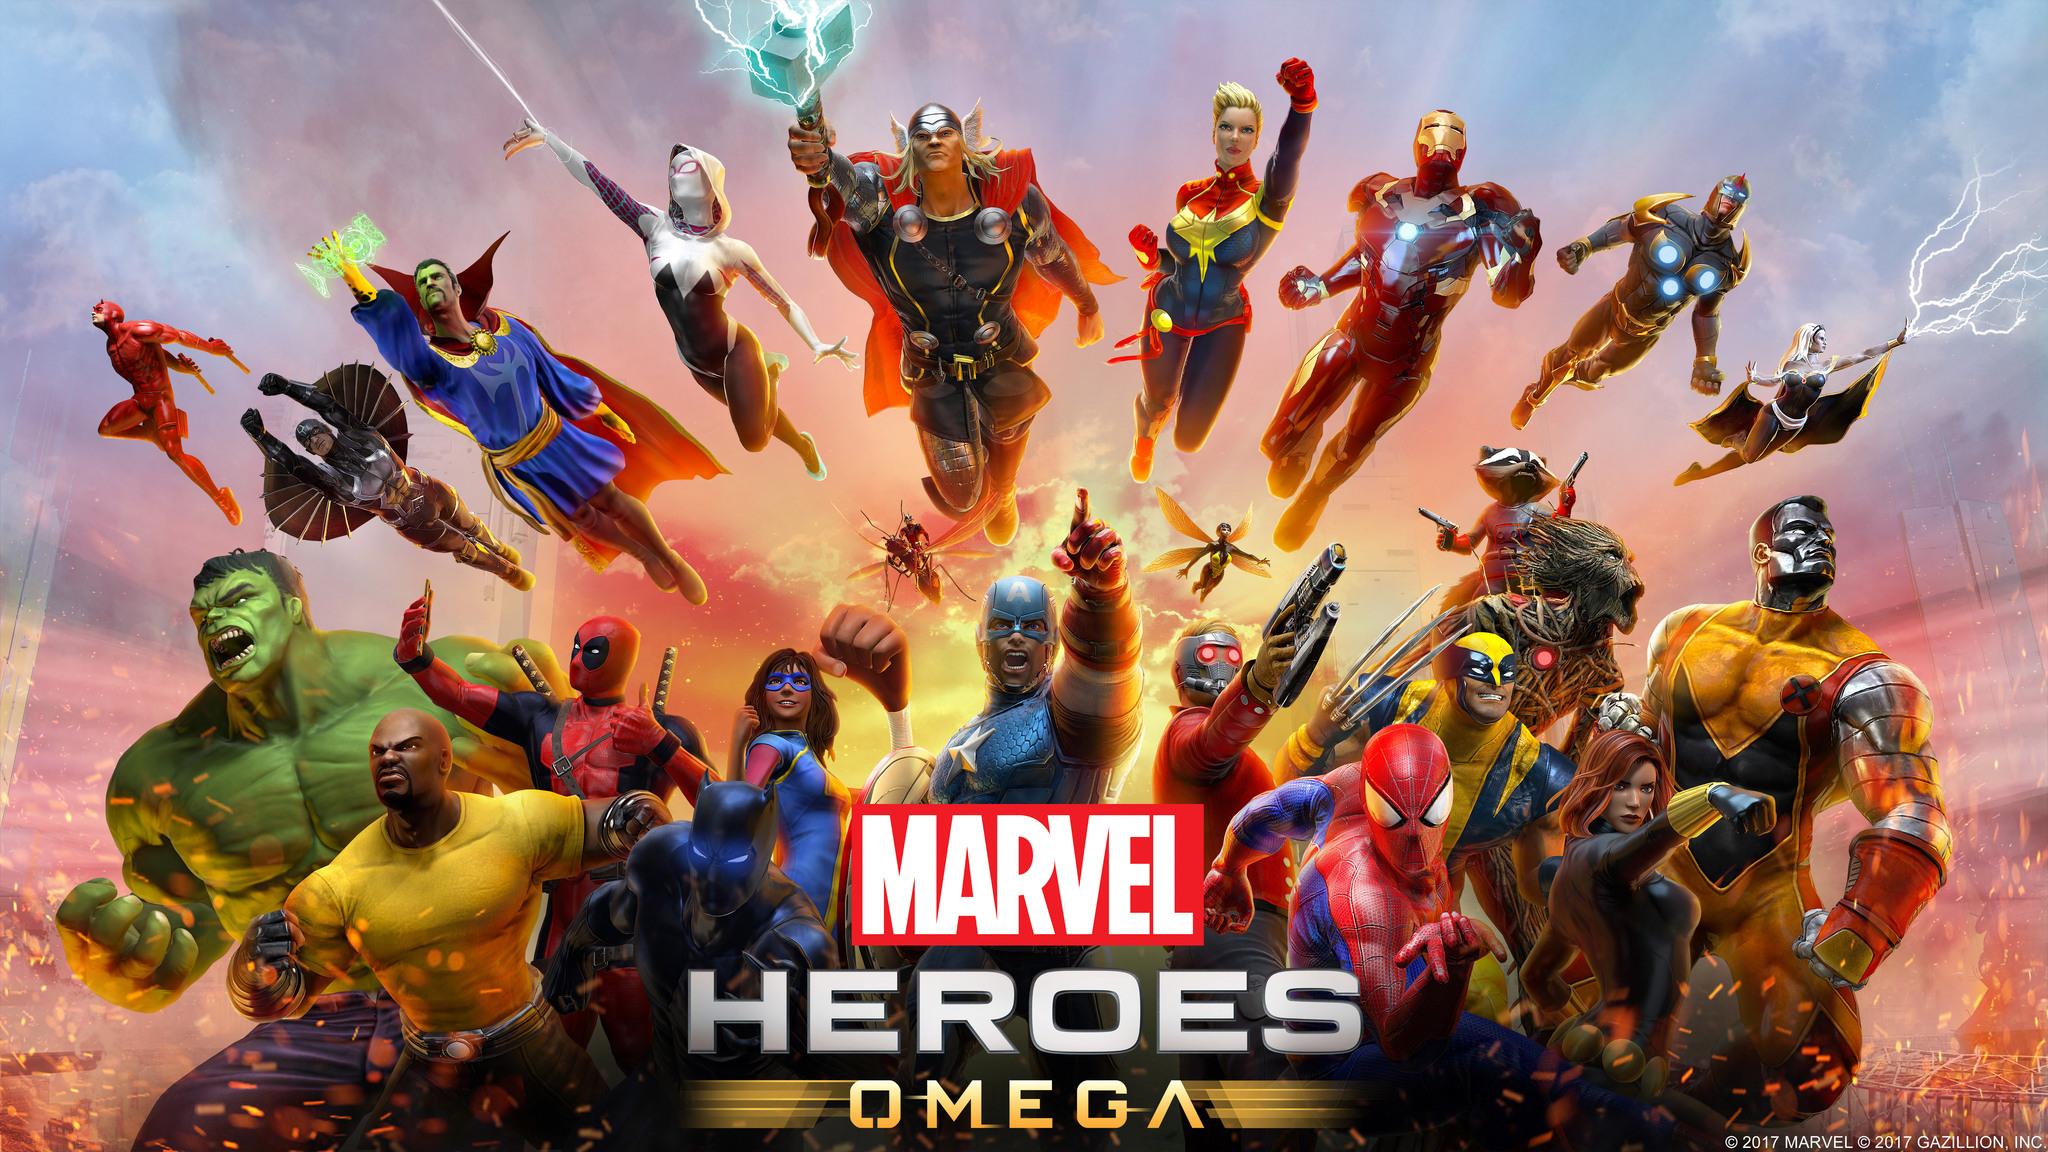 2048x1152 marvel heroes omega 2048x1152 resolution hd 4k marvel heroes omega wideg voltagebd Images